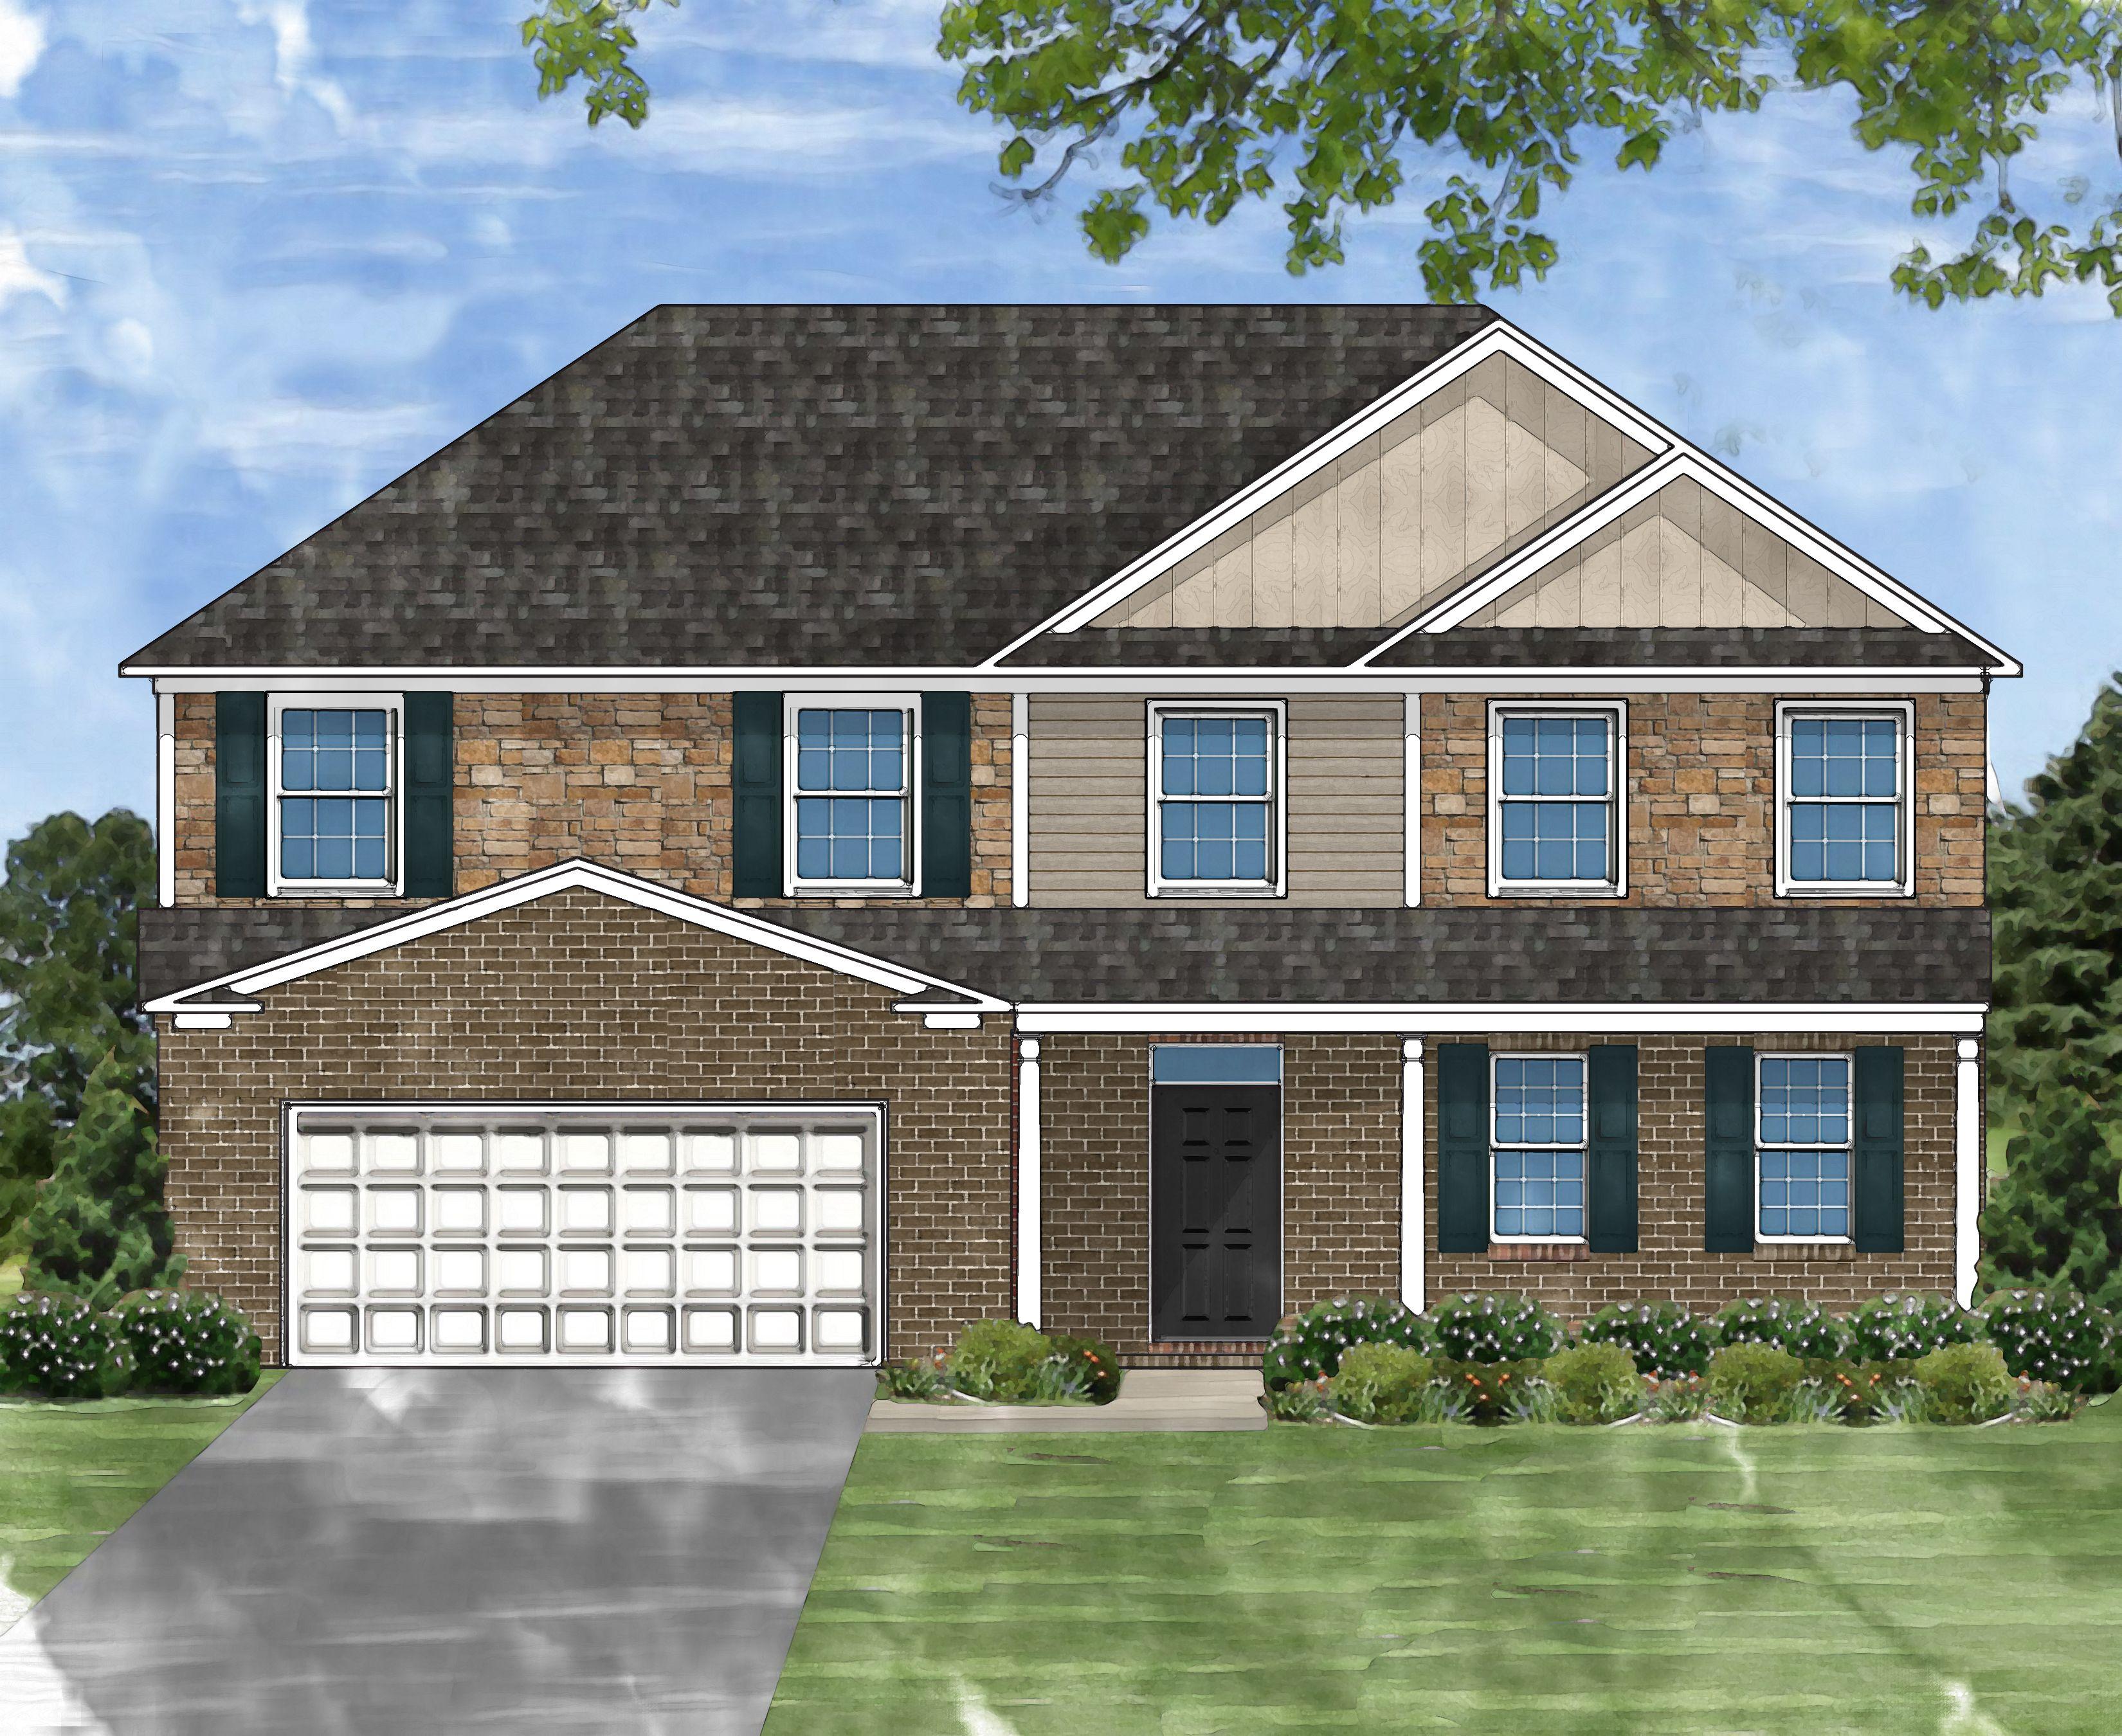 New Luxury Home Builders Amp Communities In Sumter Sc